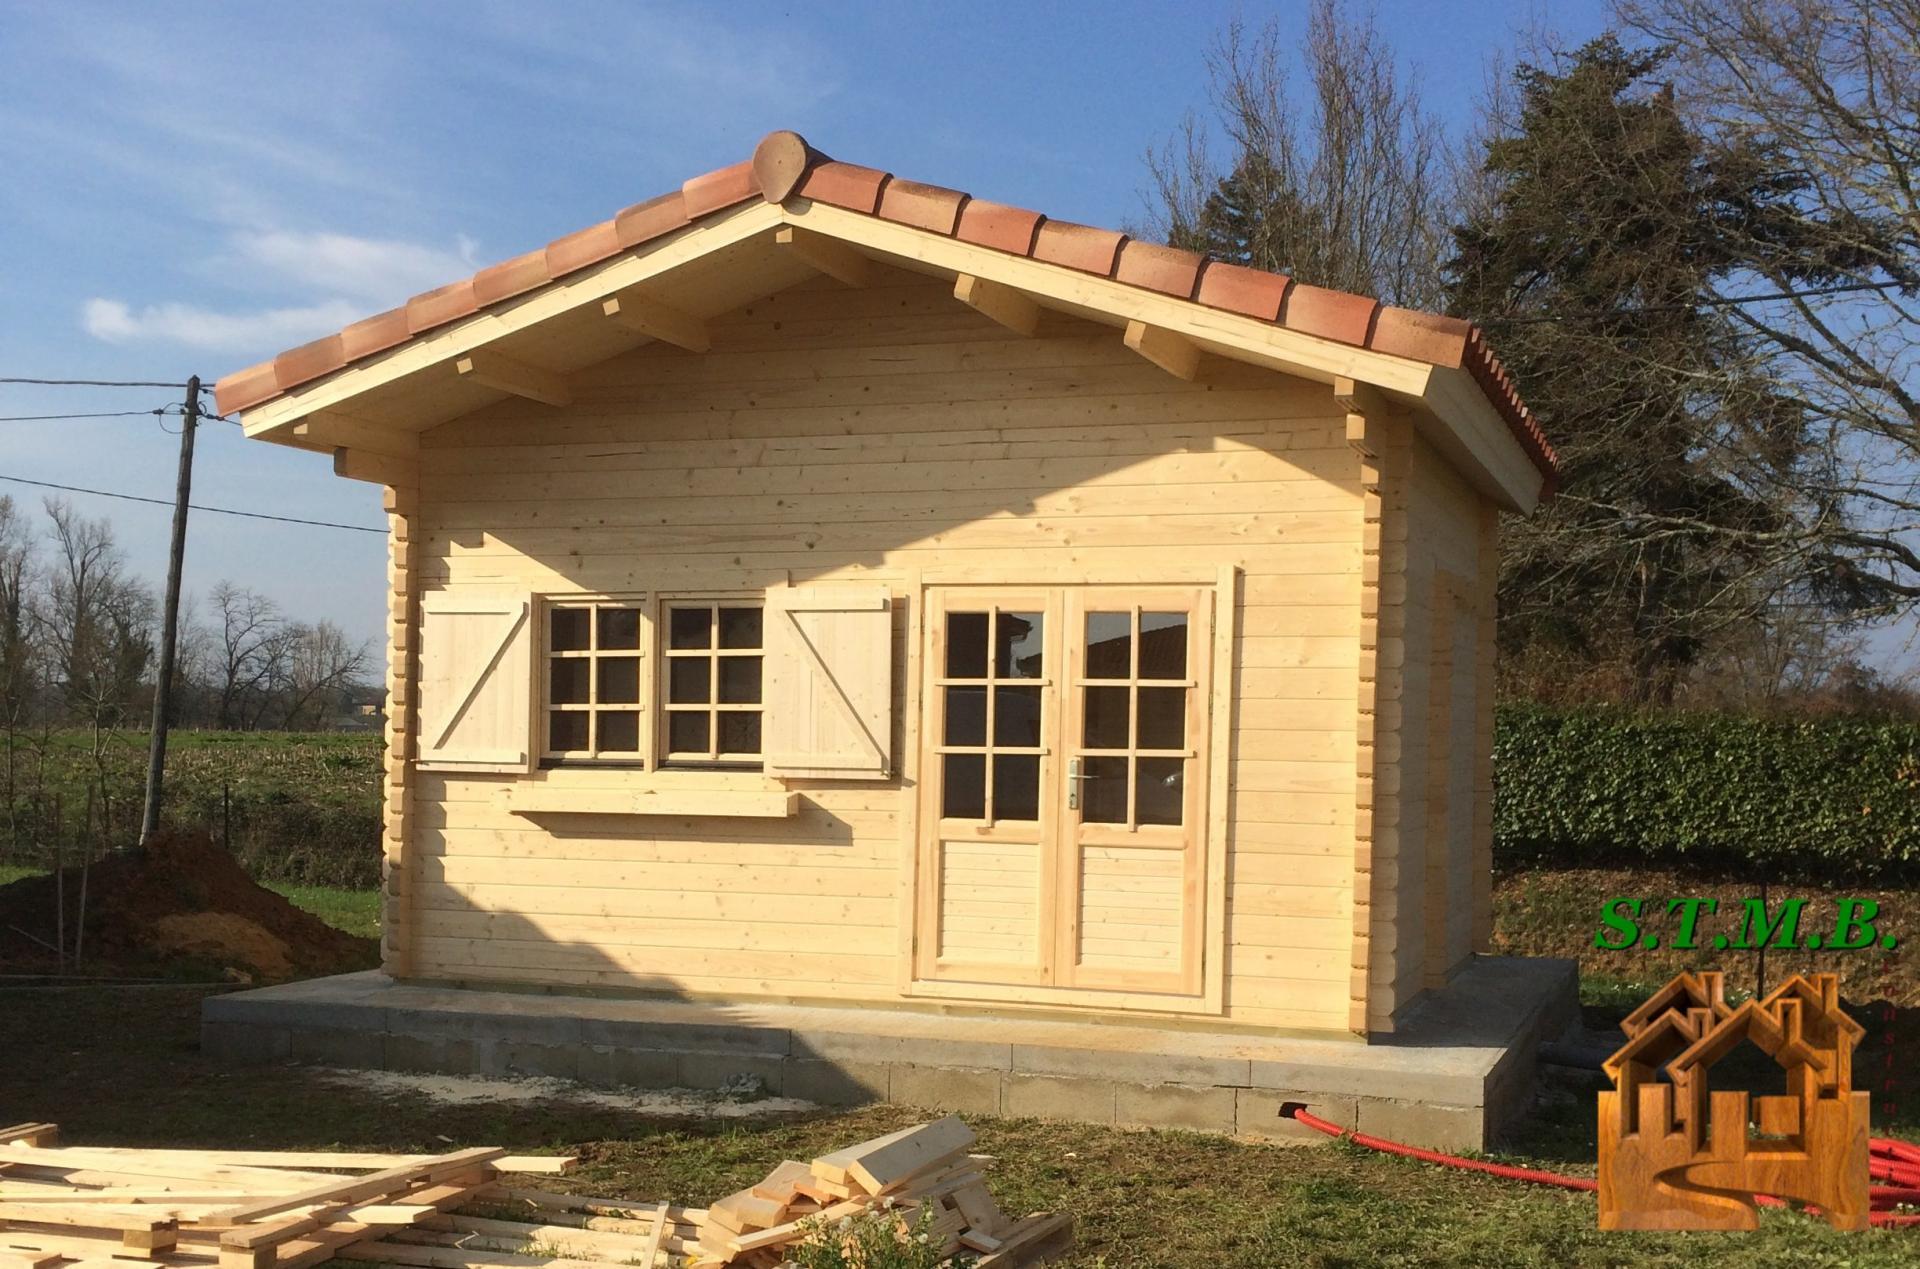 Notre Gamme De Chalets Bois En Kit Avec Mezzanine dedans Cabane De Jardin En Beton